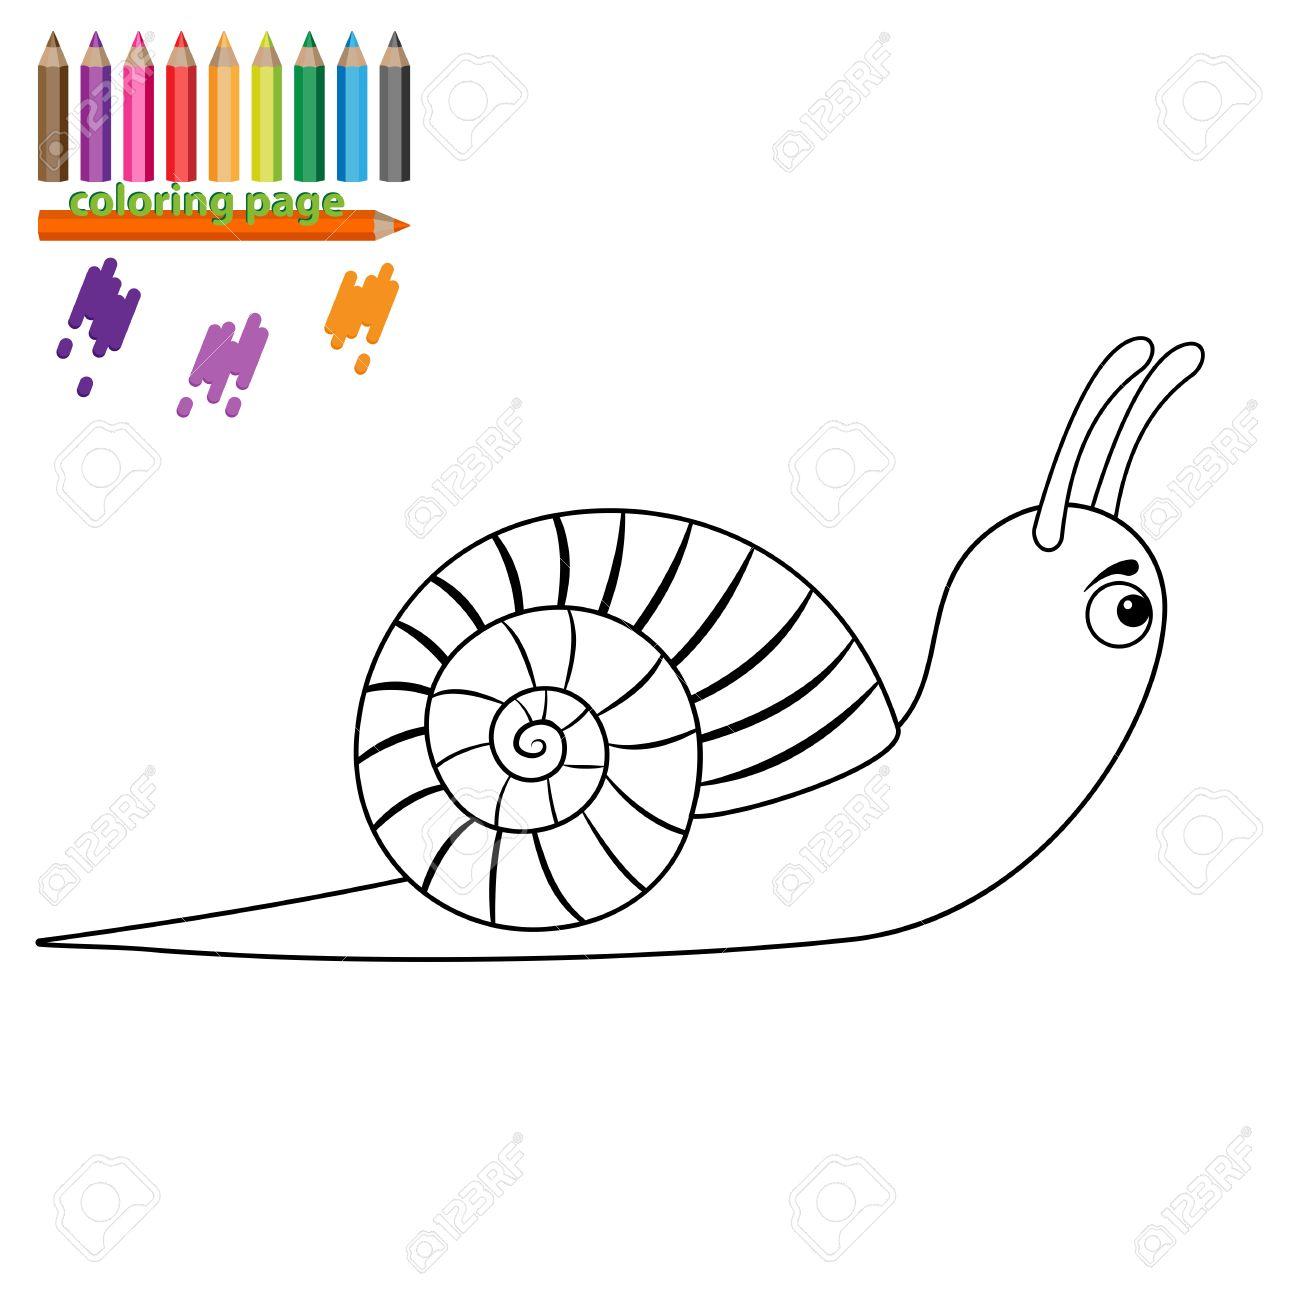 Dibujo Para Colorear Para Los Niños. Caracol. Estilo De Dibujos ...